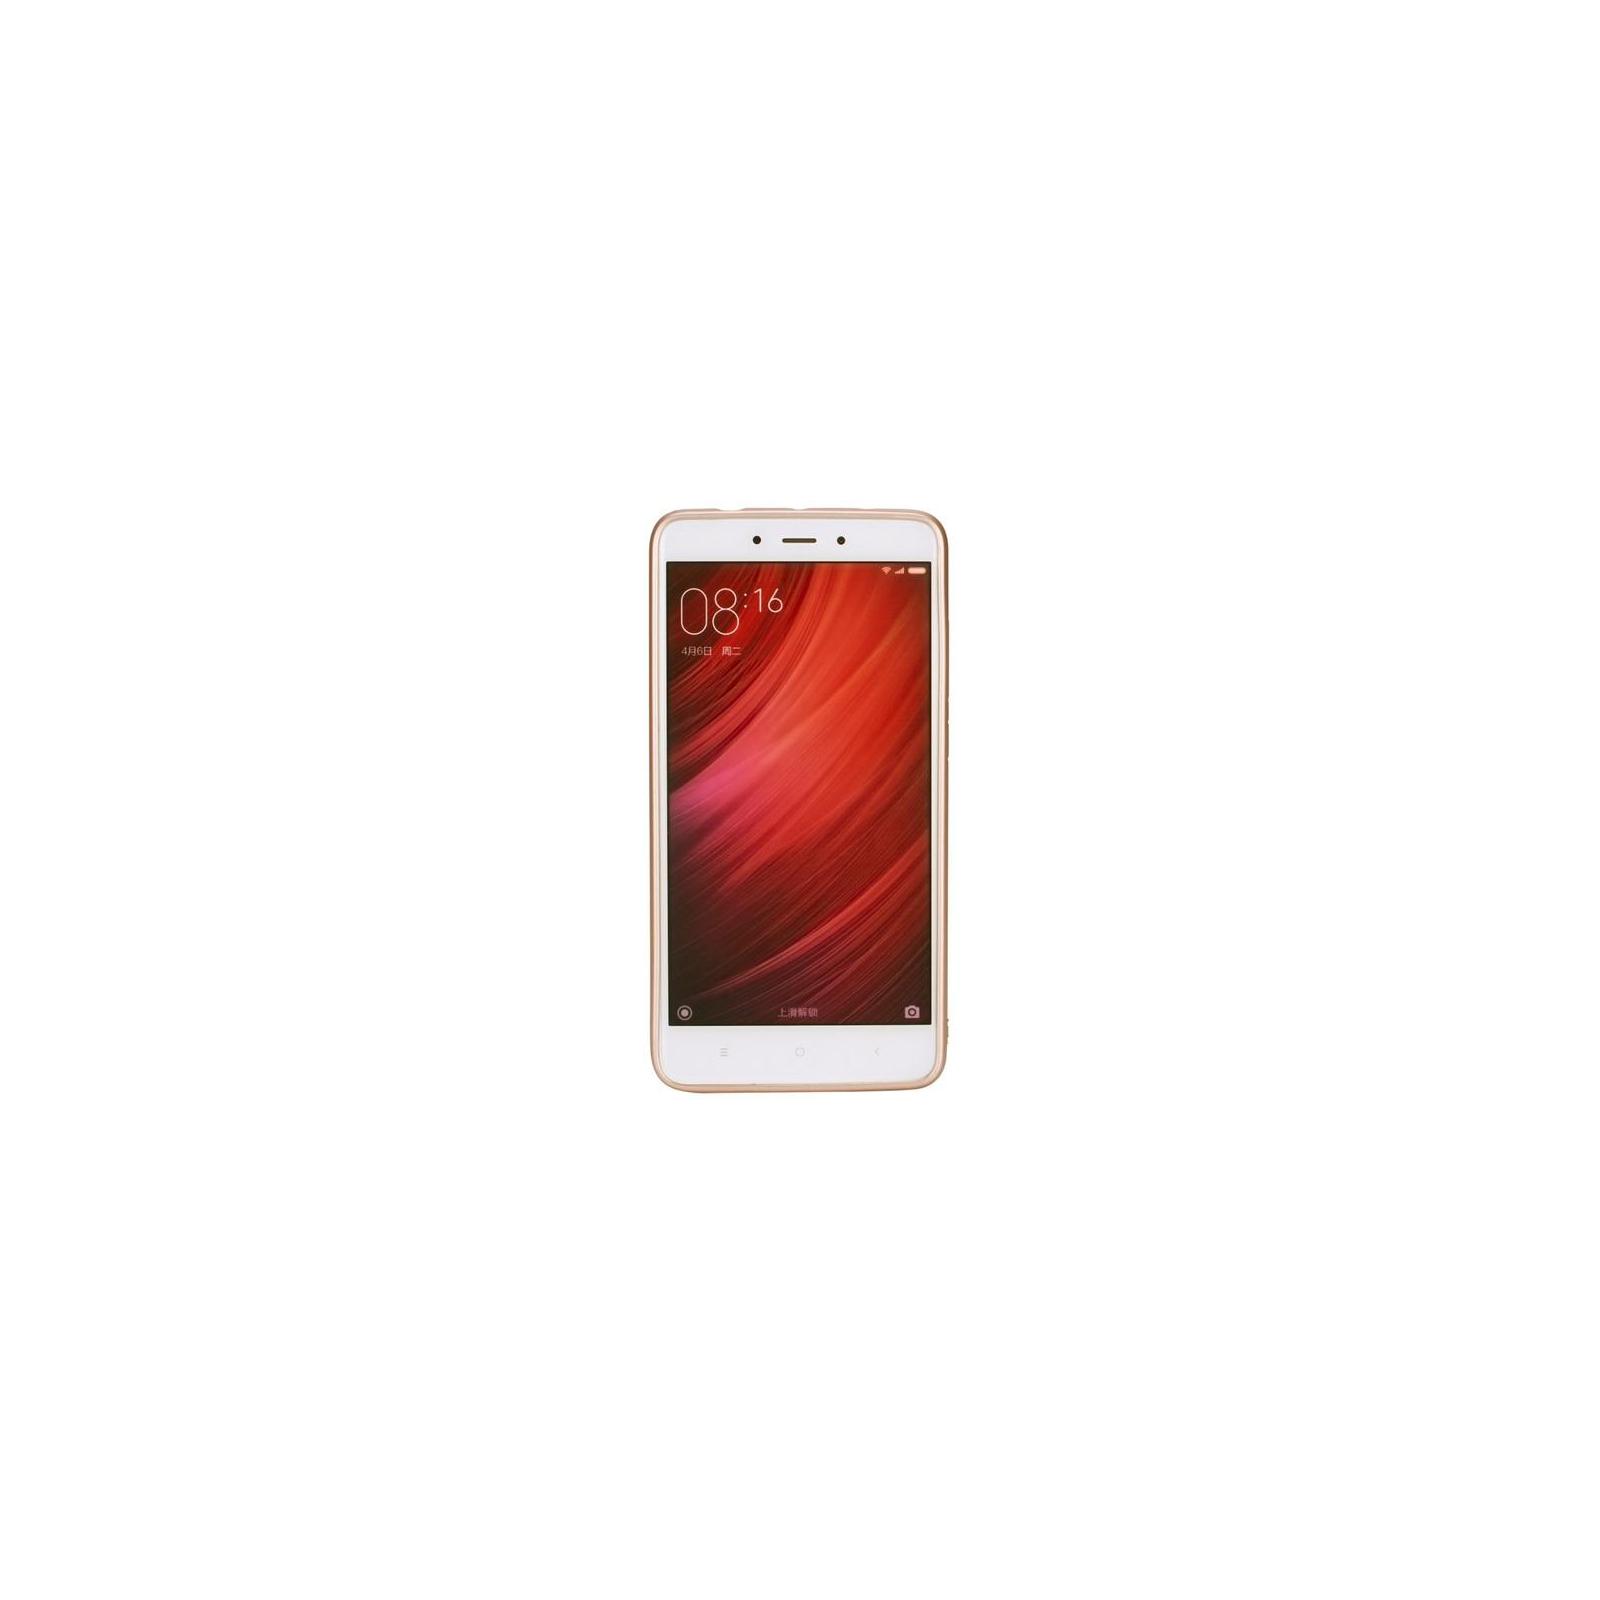 Чехол для моб. телефона T-Phox для XIAOMI REDMI NOTE 4 - SHINY (GOLD) (6361816) изображение 2